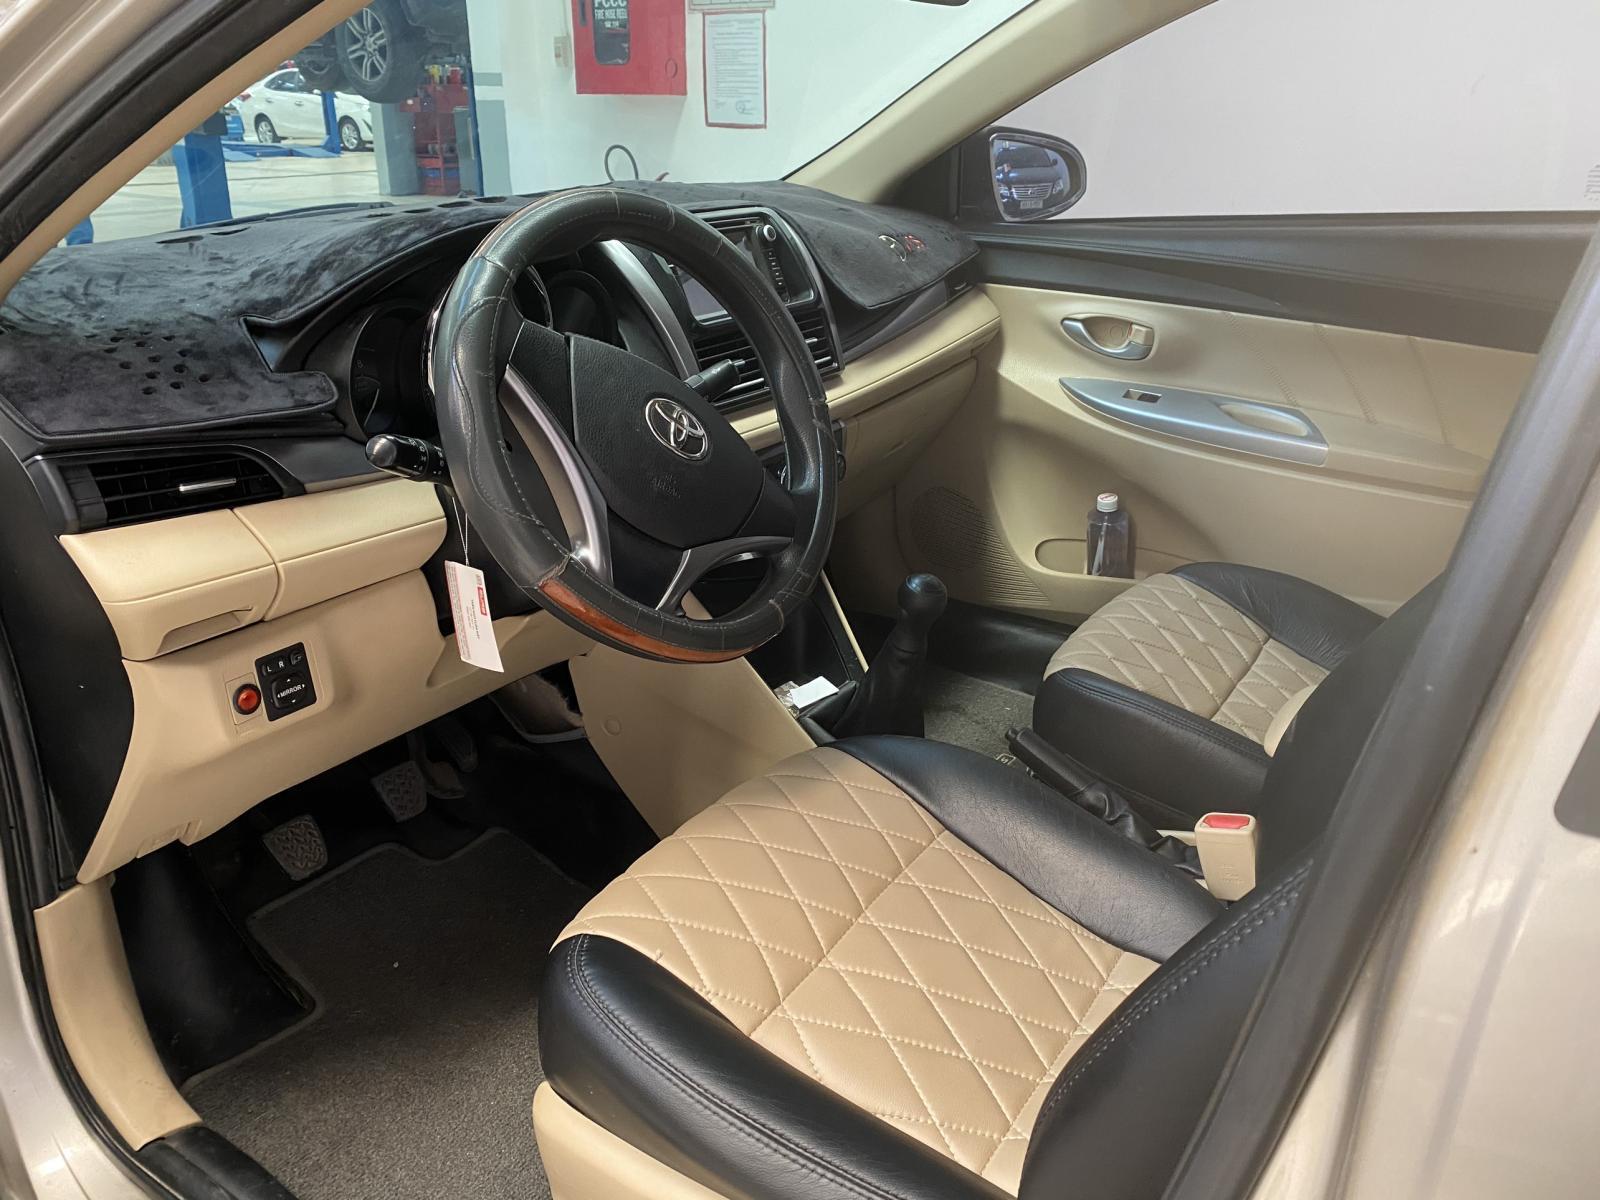 Bán Toyota Vios E MT đời 2016, màu nâu vàng, siêu chất - giá cạnh tranh